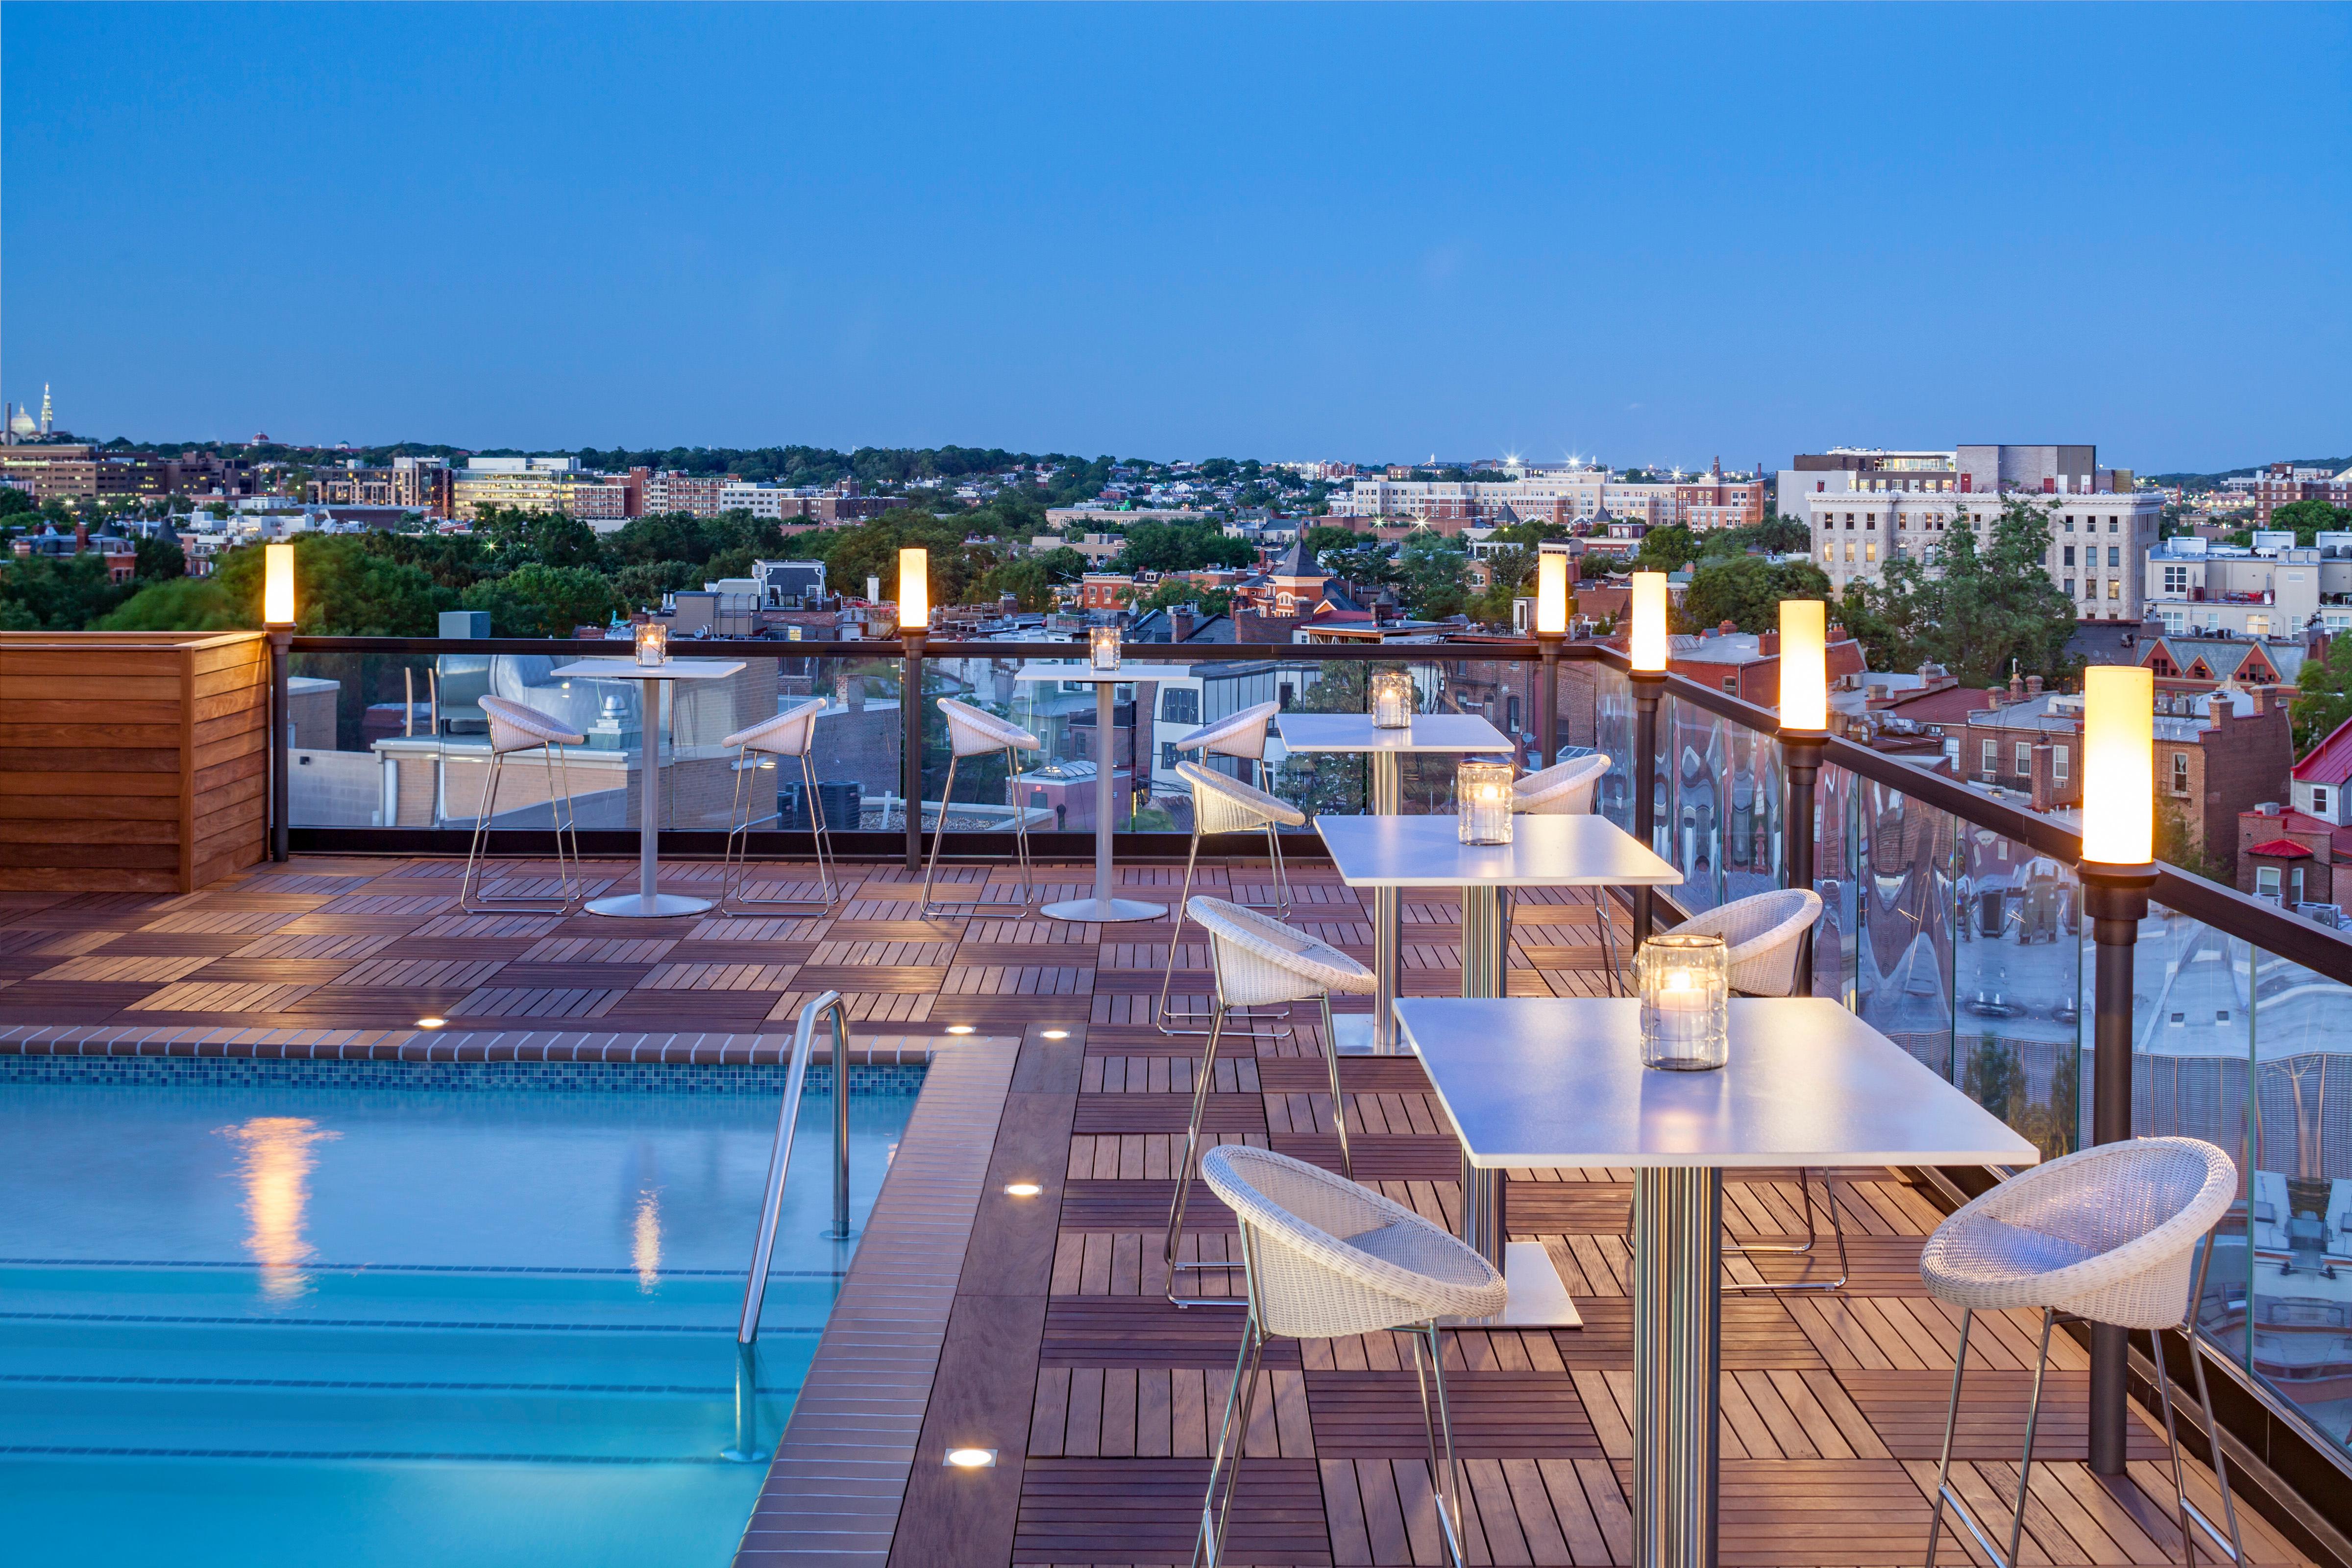 Best Luxury Hotel Georgetown Washington DC - Fairmont